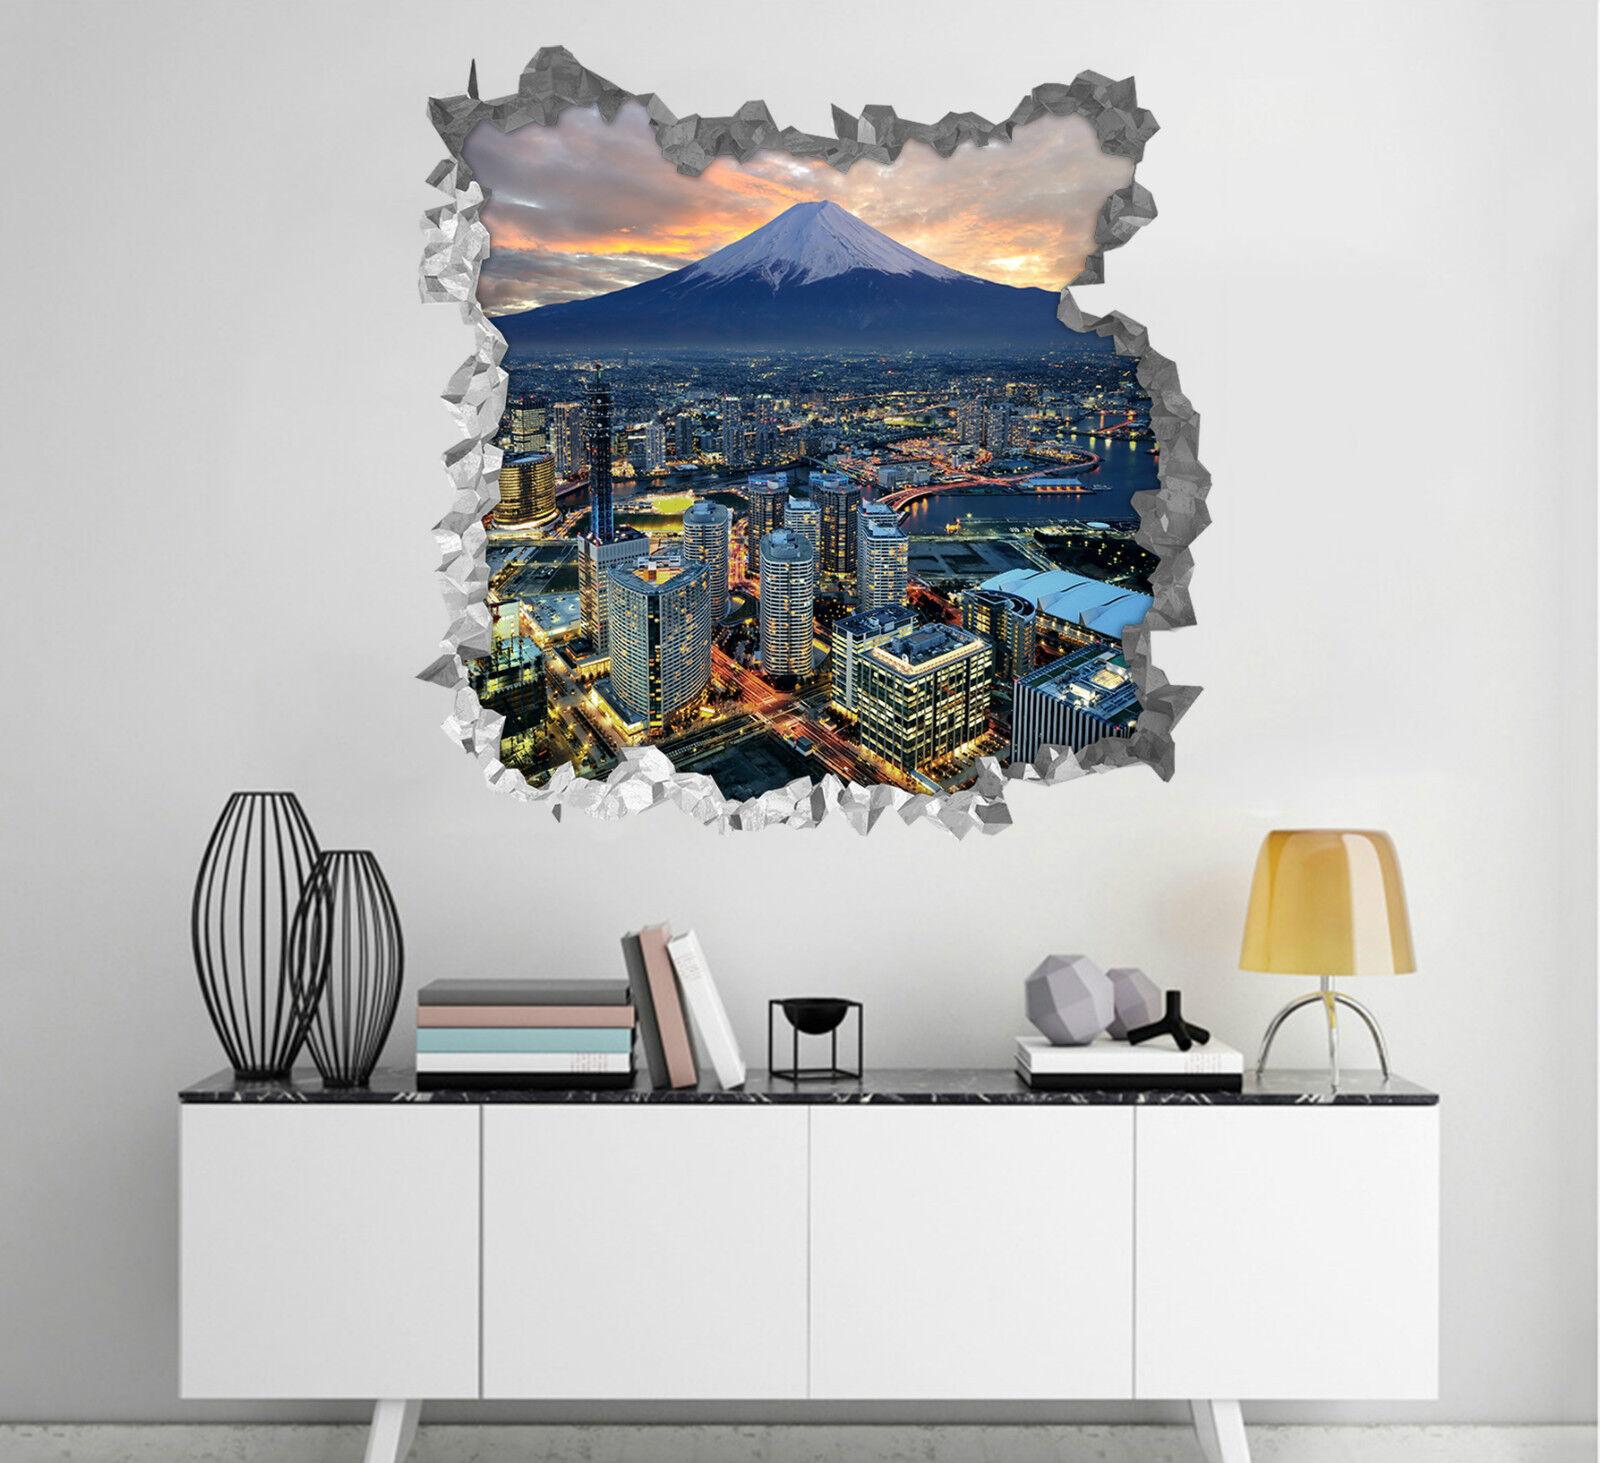 3D Stadt Himmel 583 Mauer Murals Aufklebe Decal Durchbruch AJ WALLPAPER DE Lemon